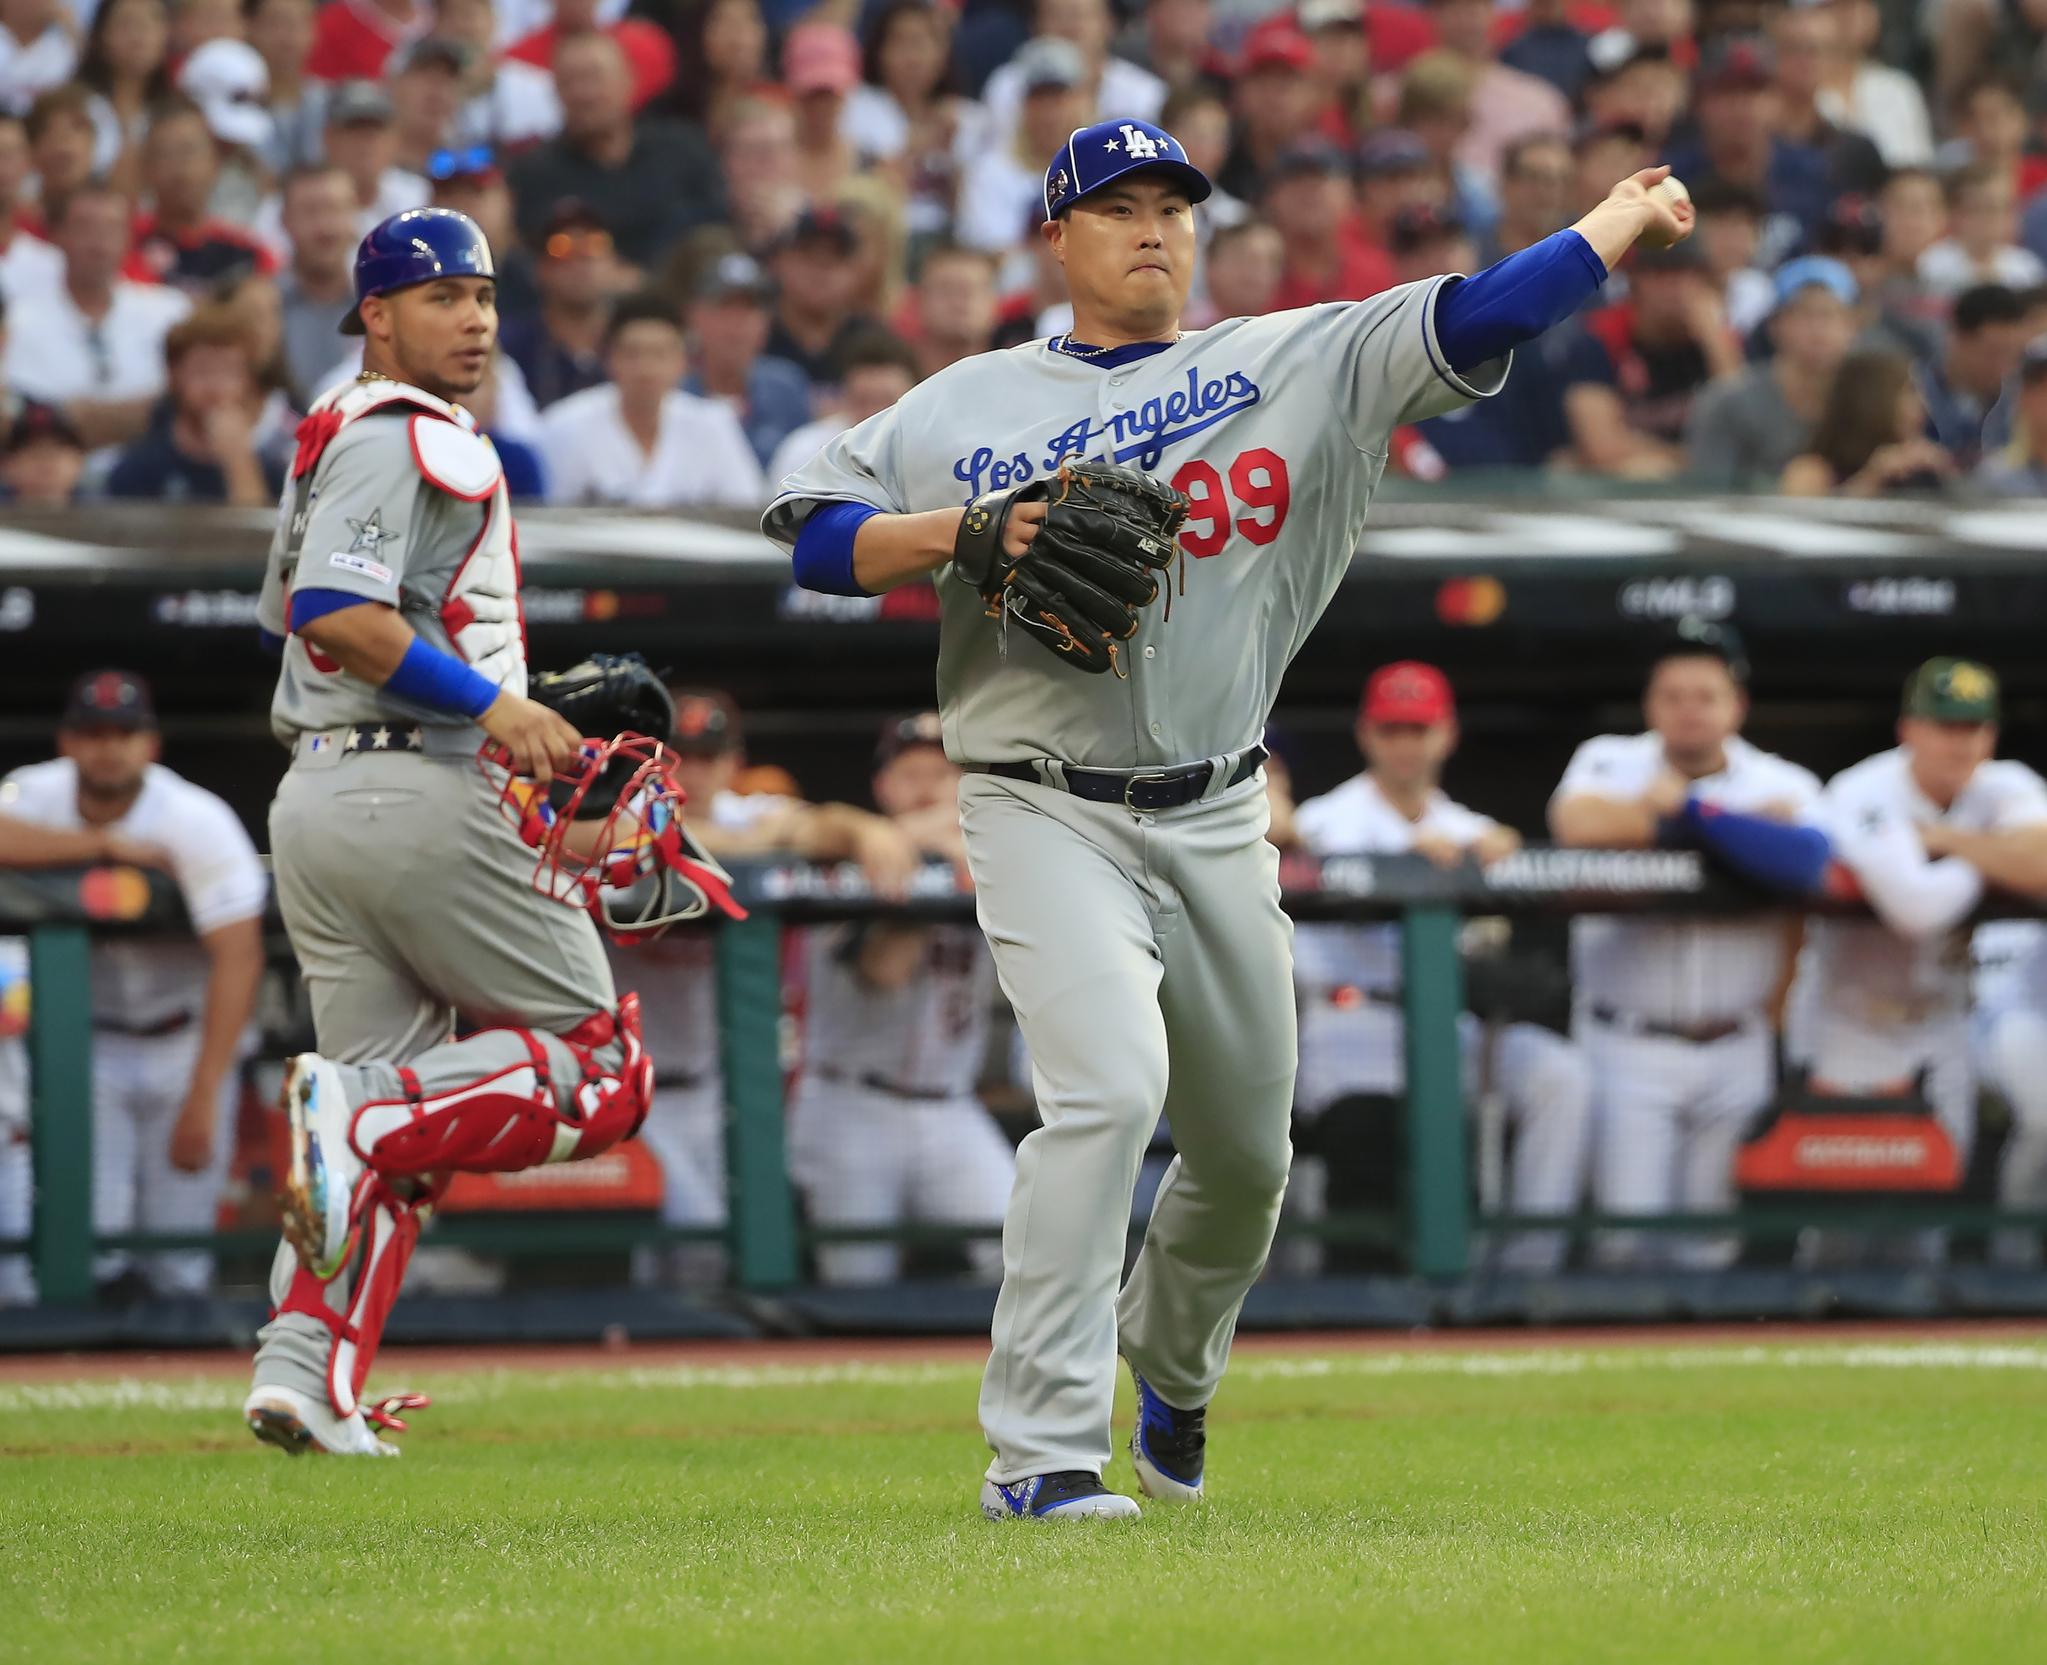 류현진이 1회말 두번째 타자 DJ 르메이유(뉴욕 양키스)에게 전매특허인 체인지업을 던져 투수 앞 땅볼을 유도, 1루로 던져 아웃시키고 있다. [EPA=연합뉴스]